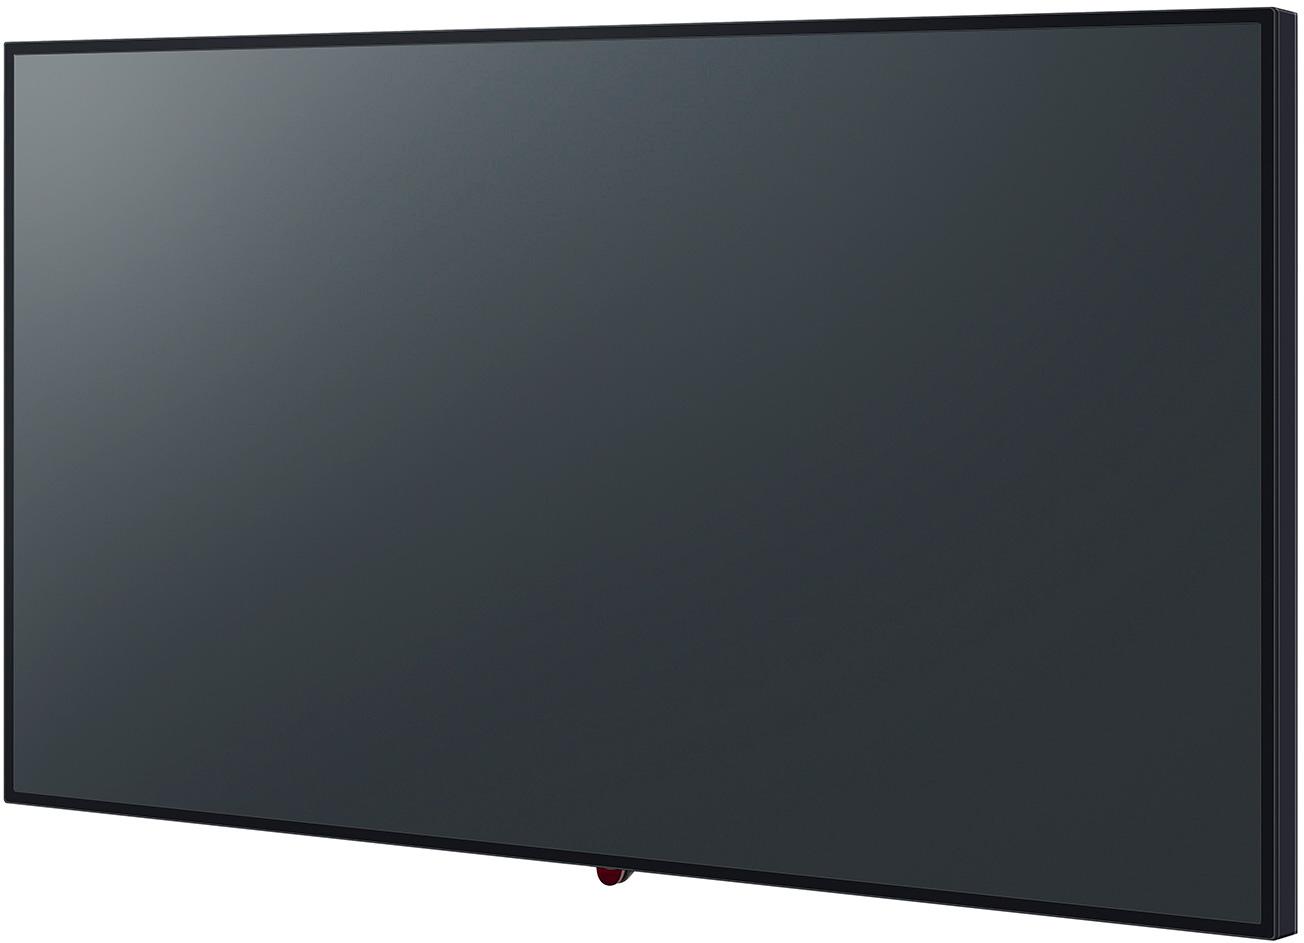 Panasonic TH-49CQE1W 49-Inch 4K UHD CQ1 Series TV - 400 cd/m2 - 16/7  TH-49CQE1W